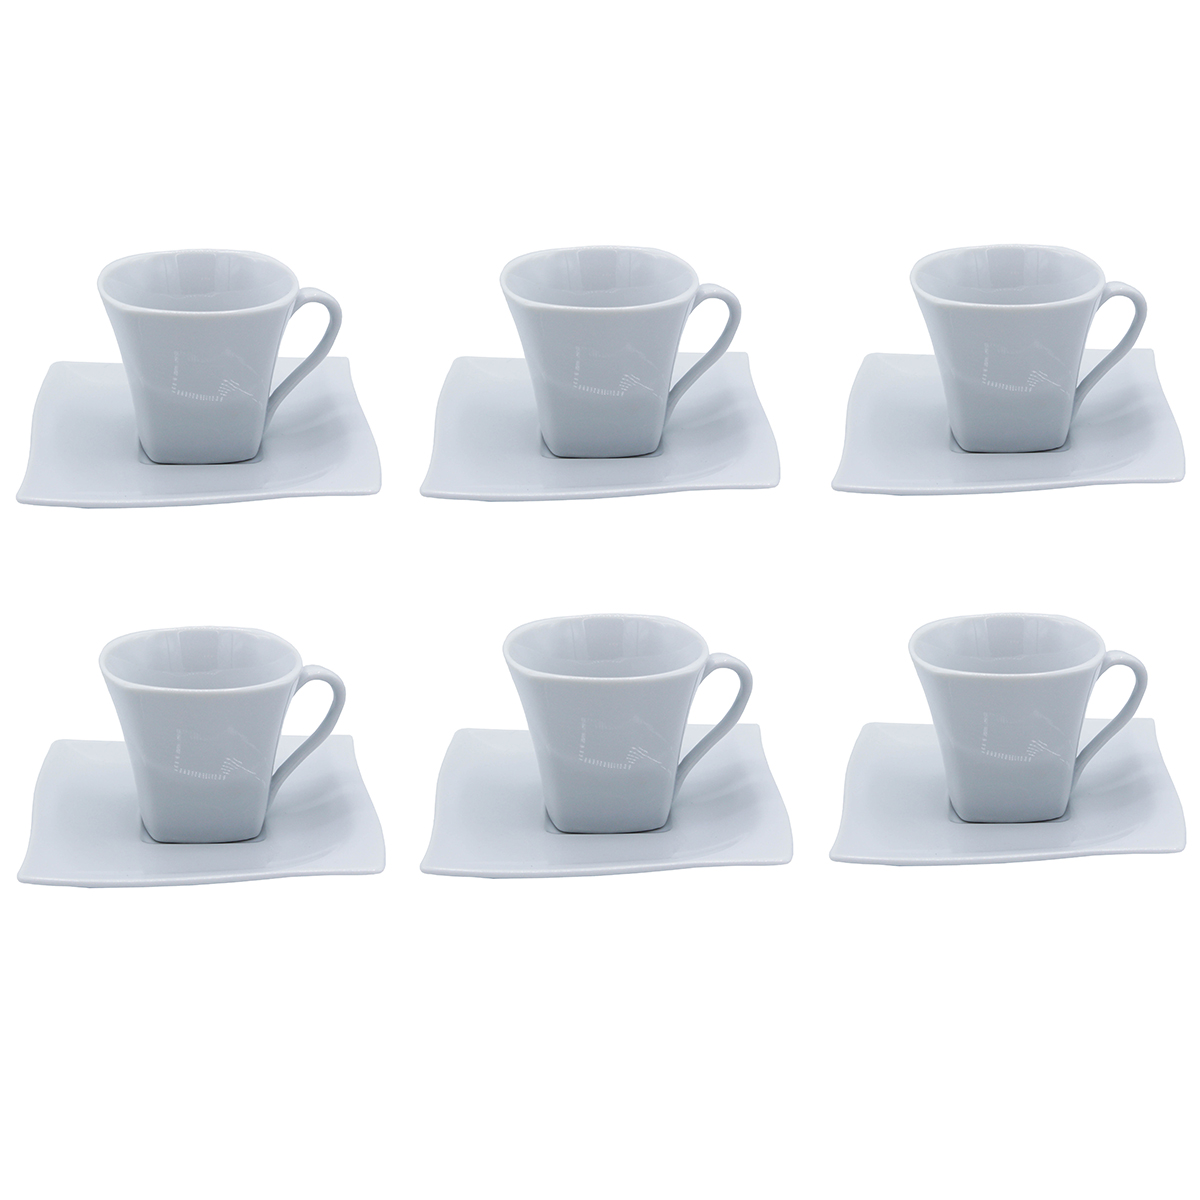 سرویس چای خوری 12پارچه تقدیس مدل 292013